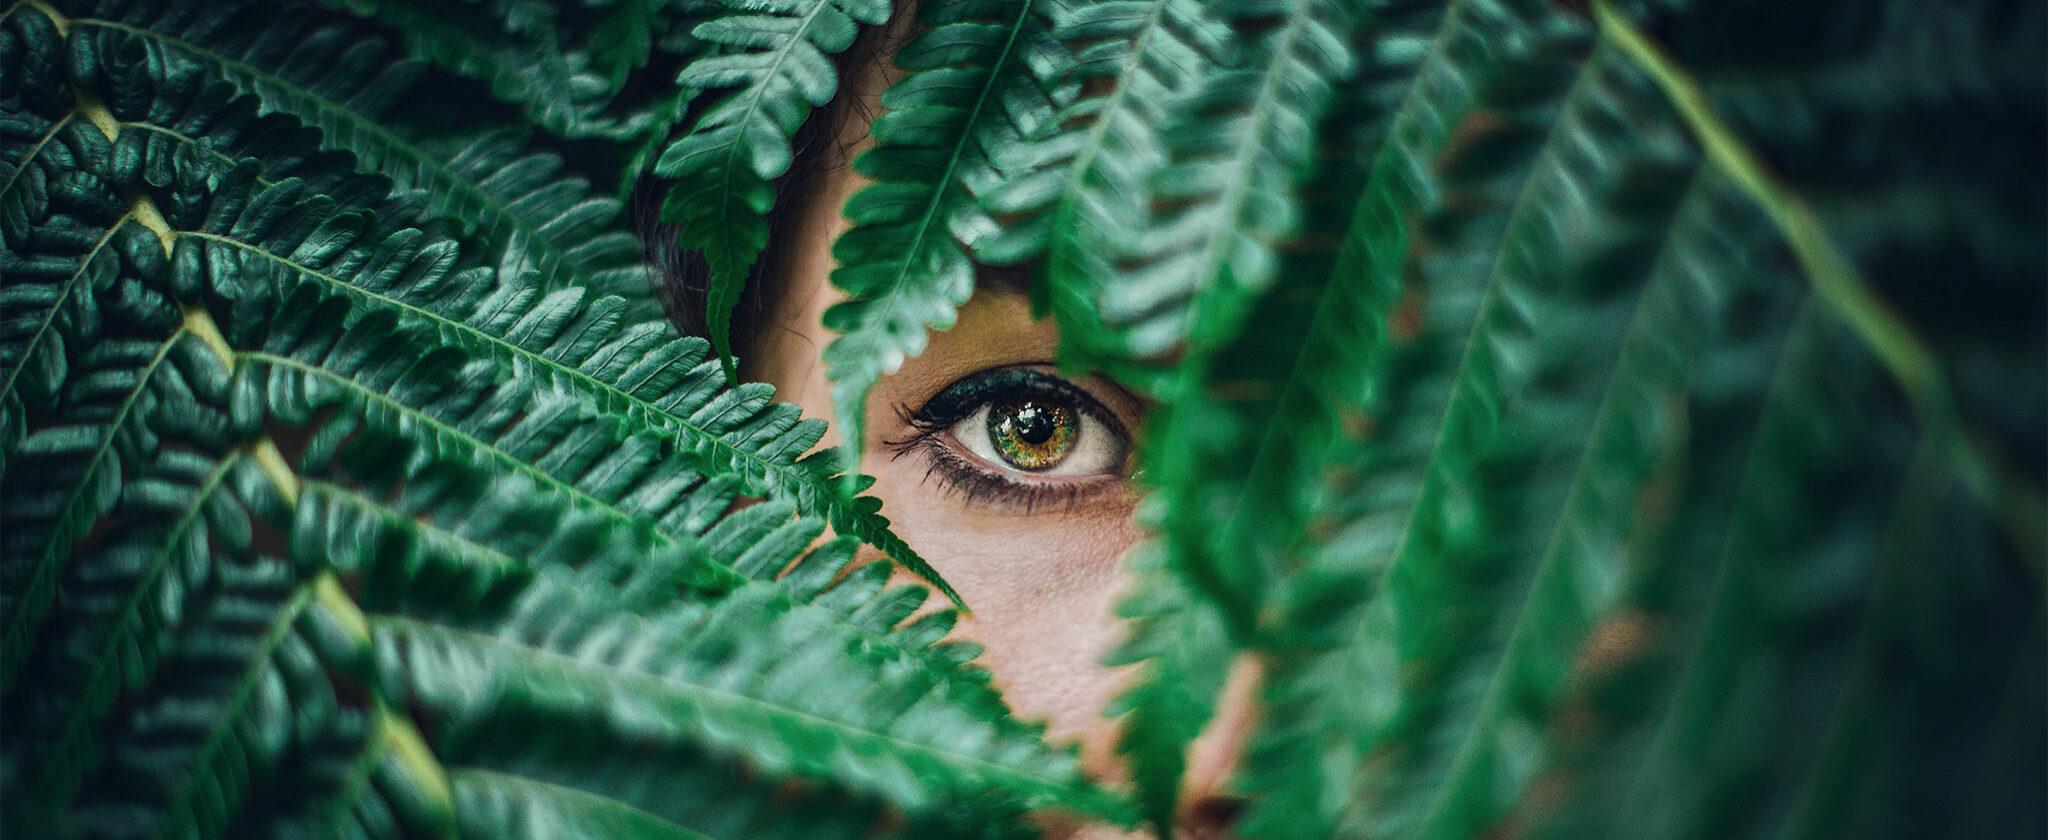 Gesicht einer Frau hinter grünen Blättern.